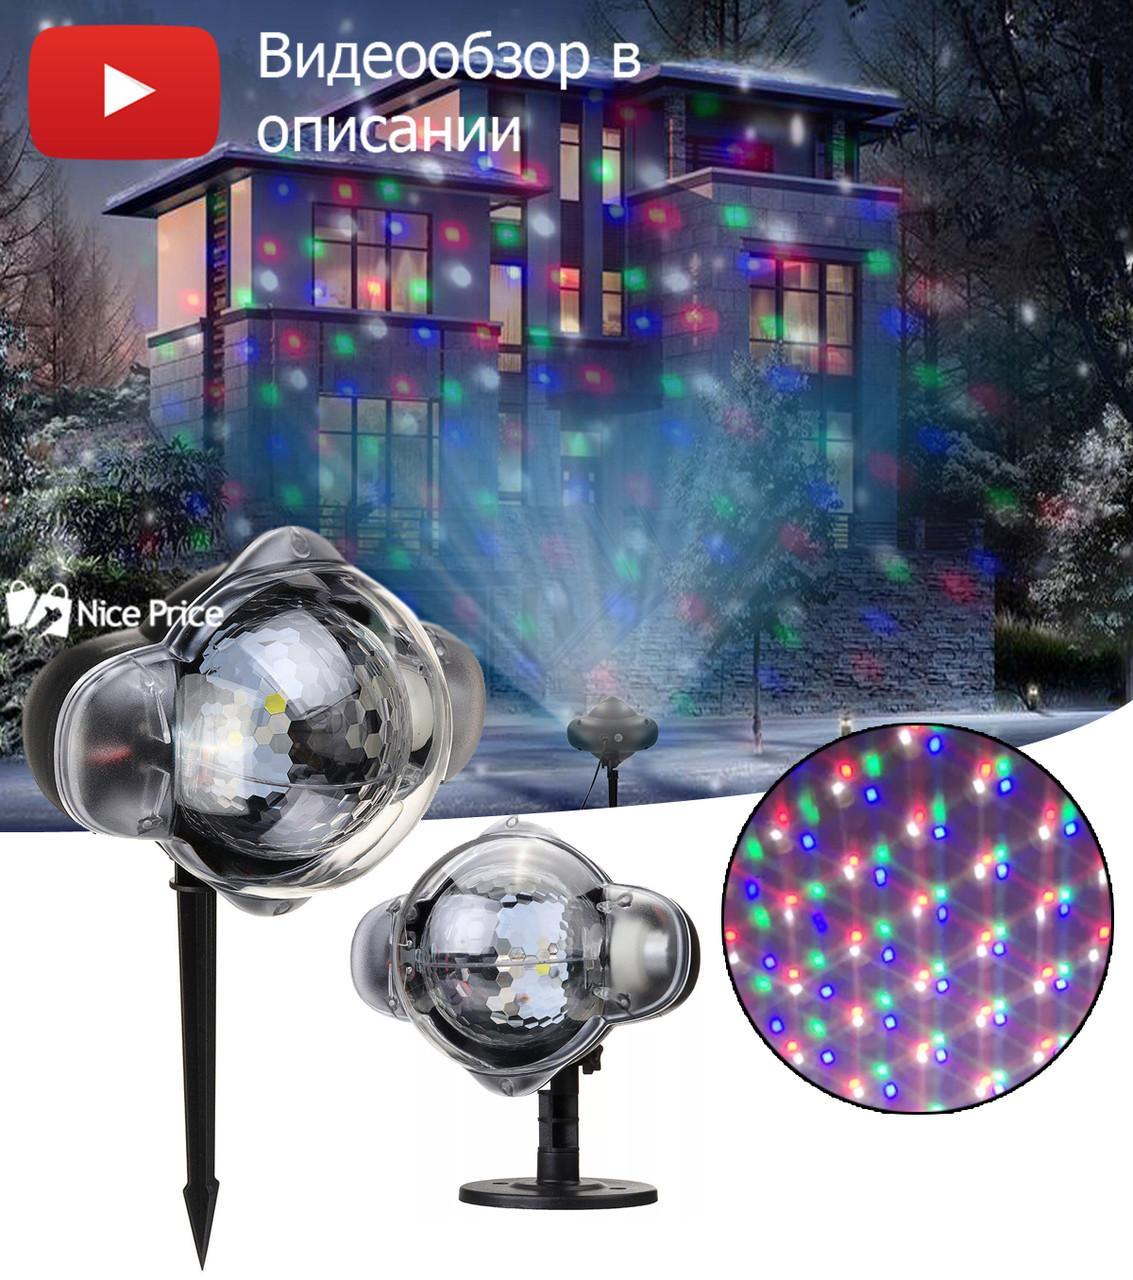 Лазерный проектор Star Shower WL-808 (разноцветные квадраты) (6736)